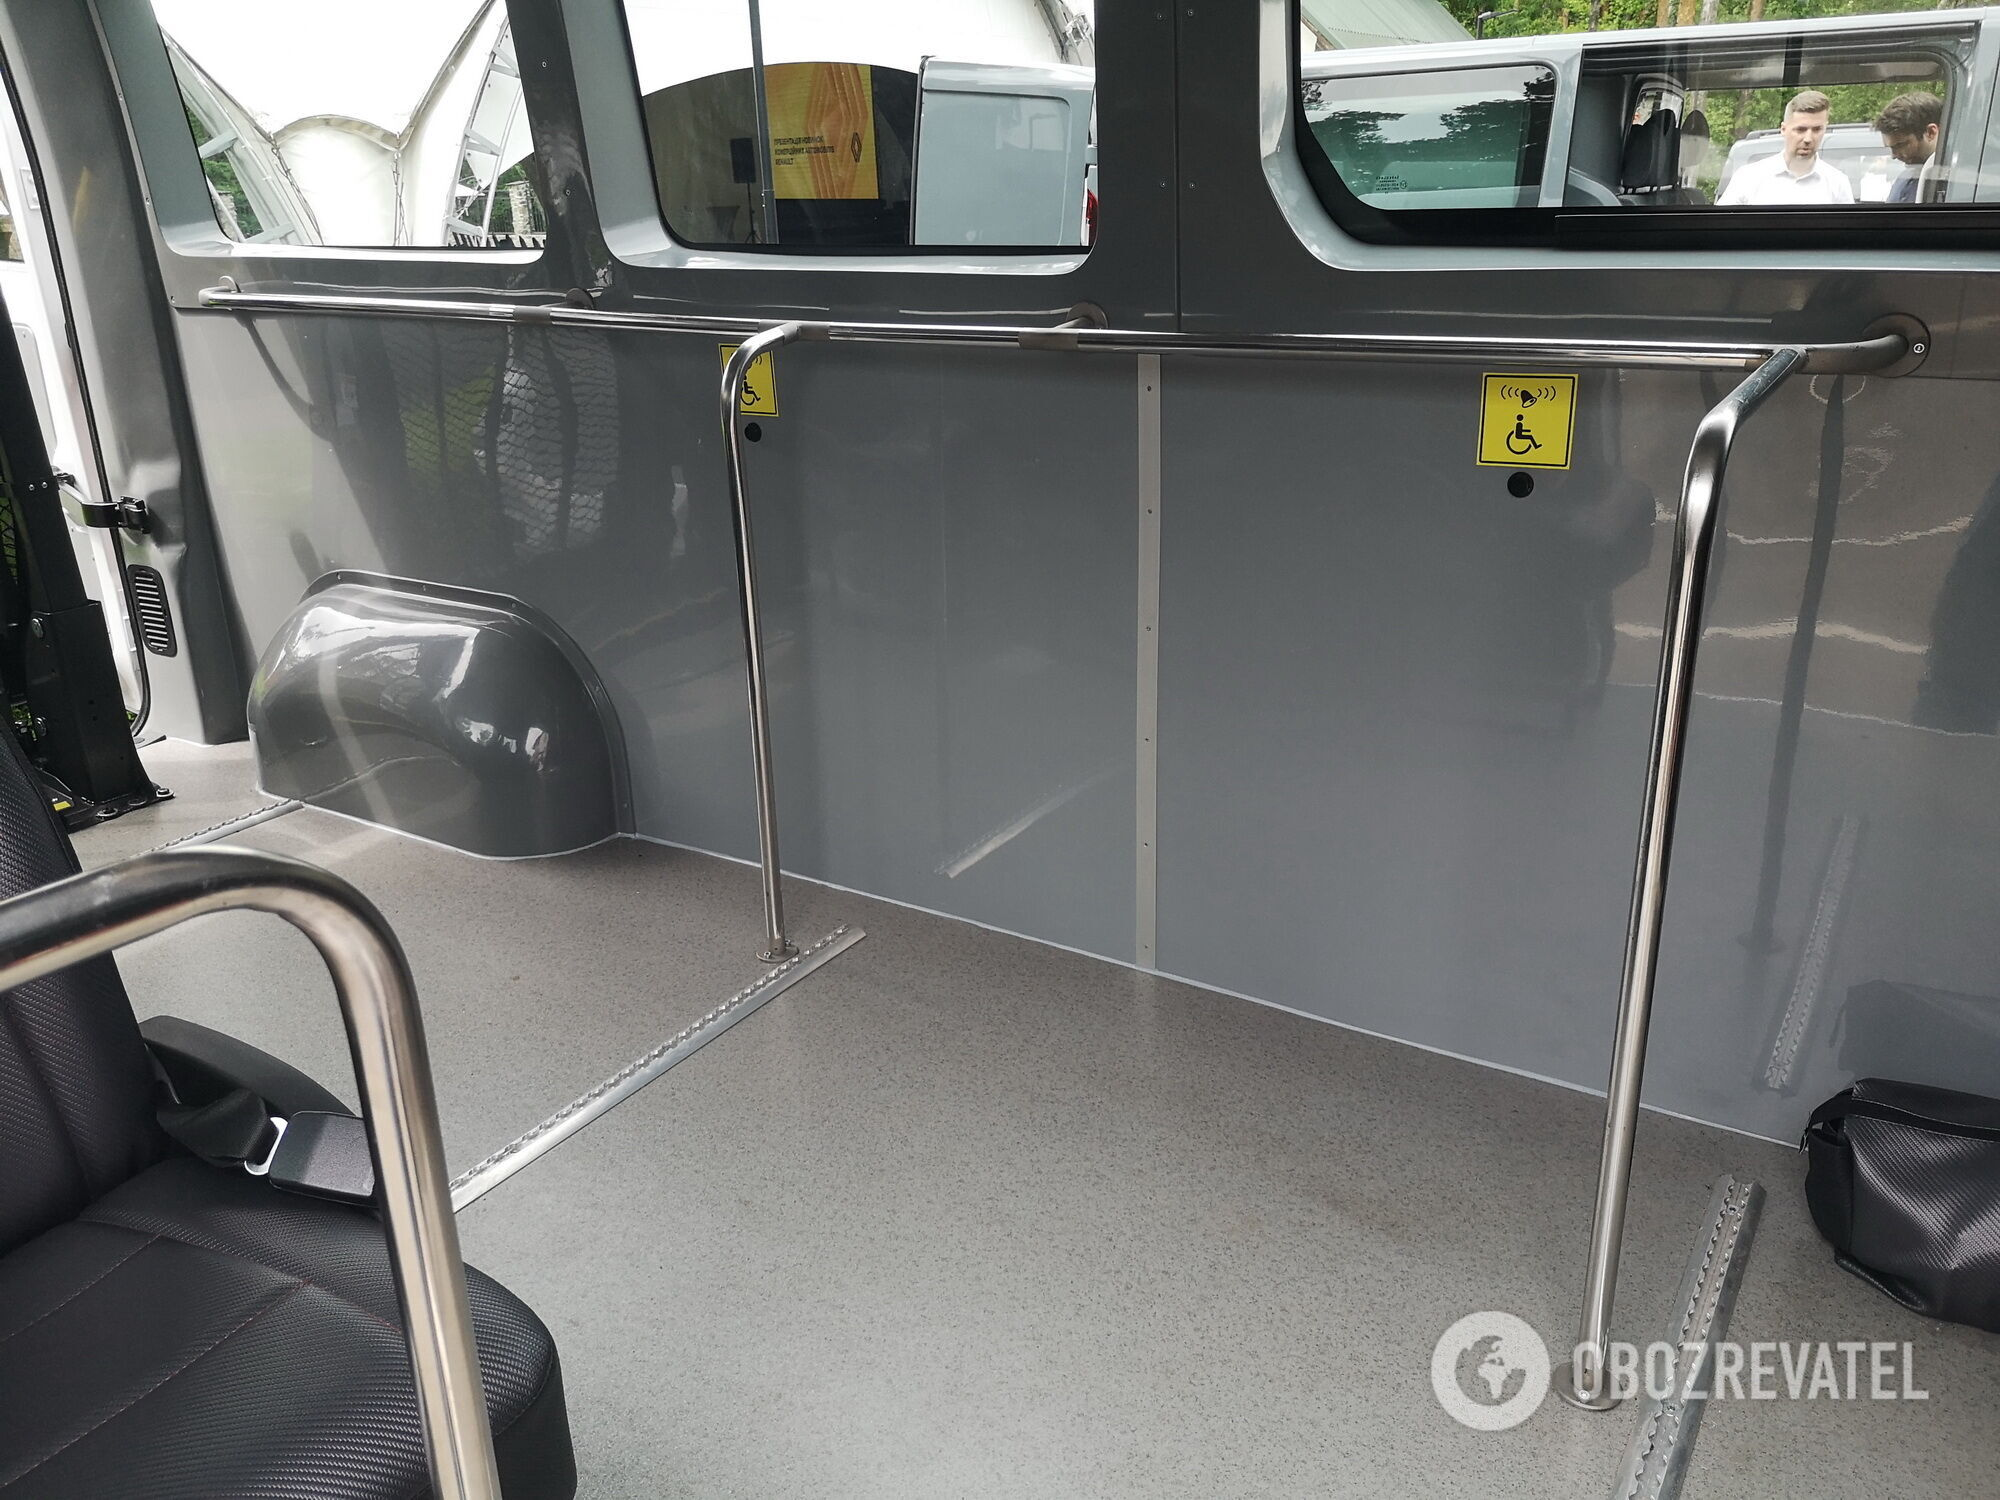 Просторный салон предоставляет достаточно места для перевозки людей на колясках и их сопровождающих